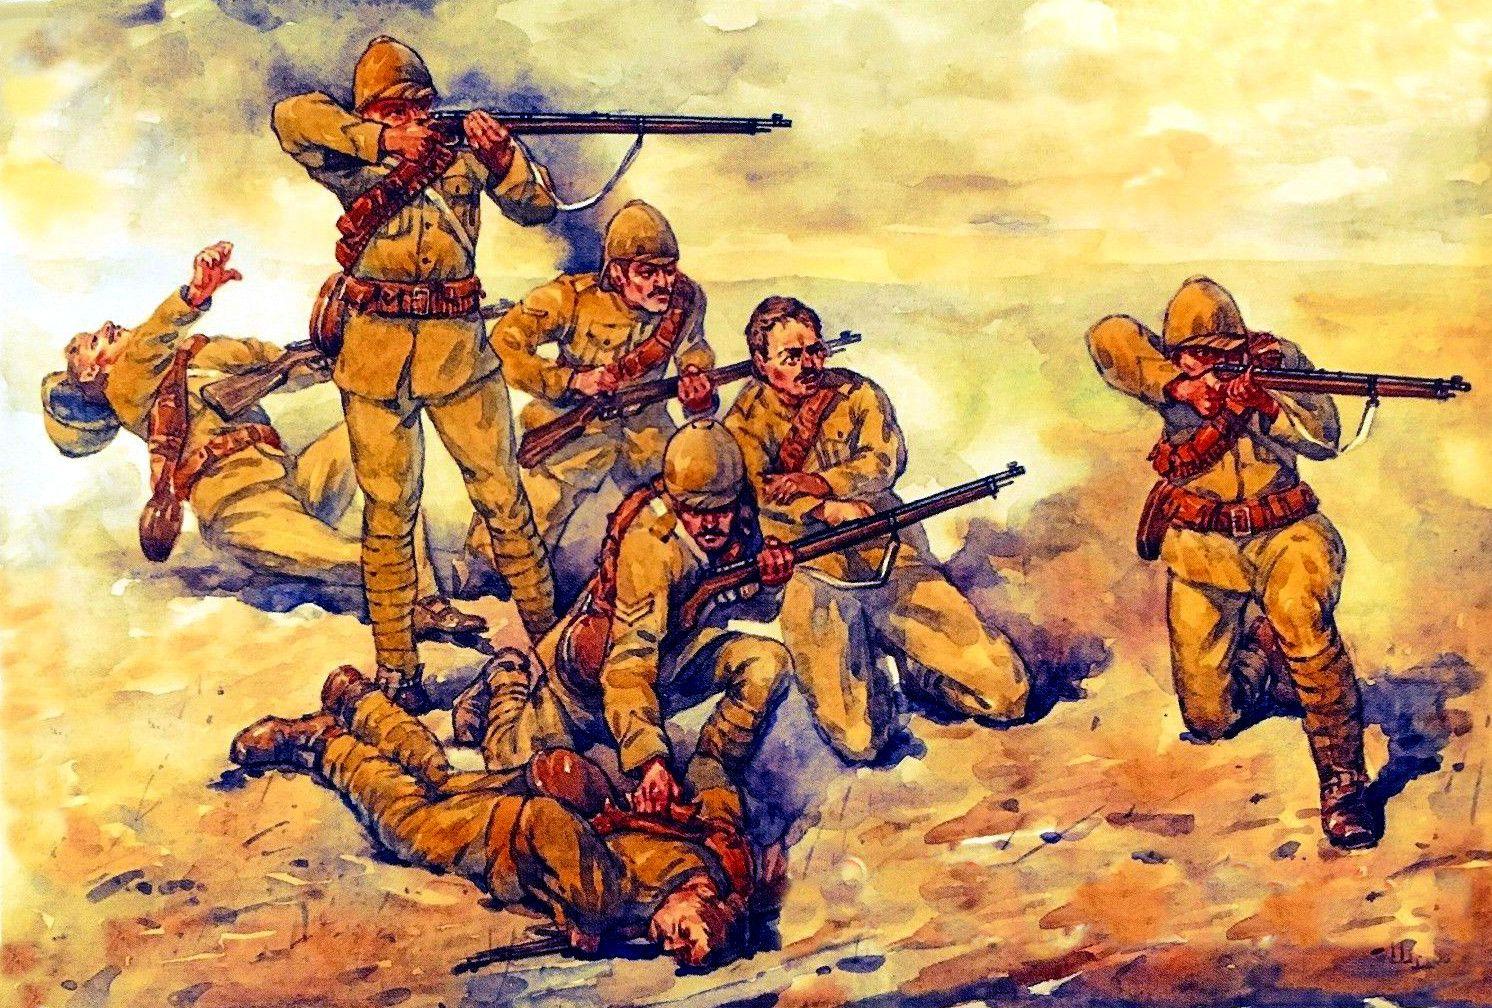 Karas, vykęs ant XX amžiaus slenksčio